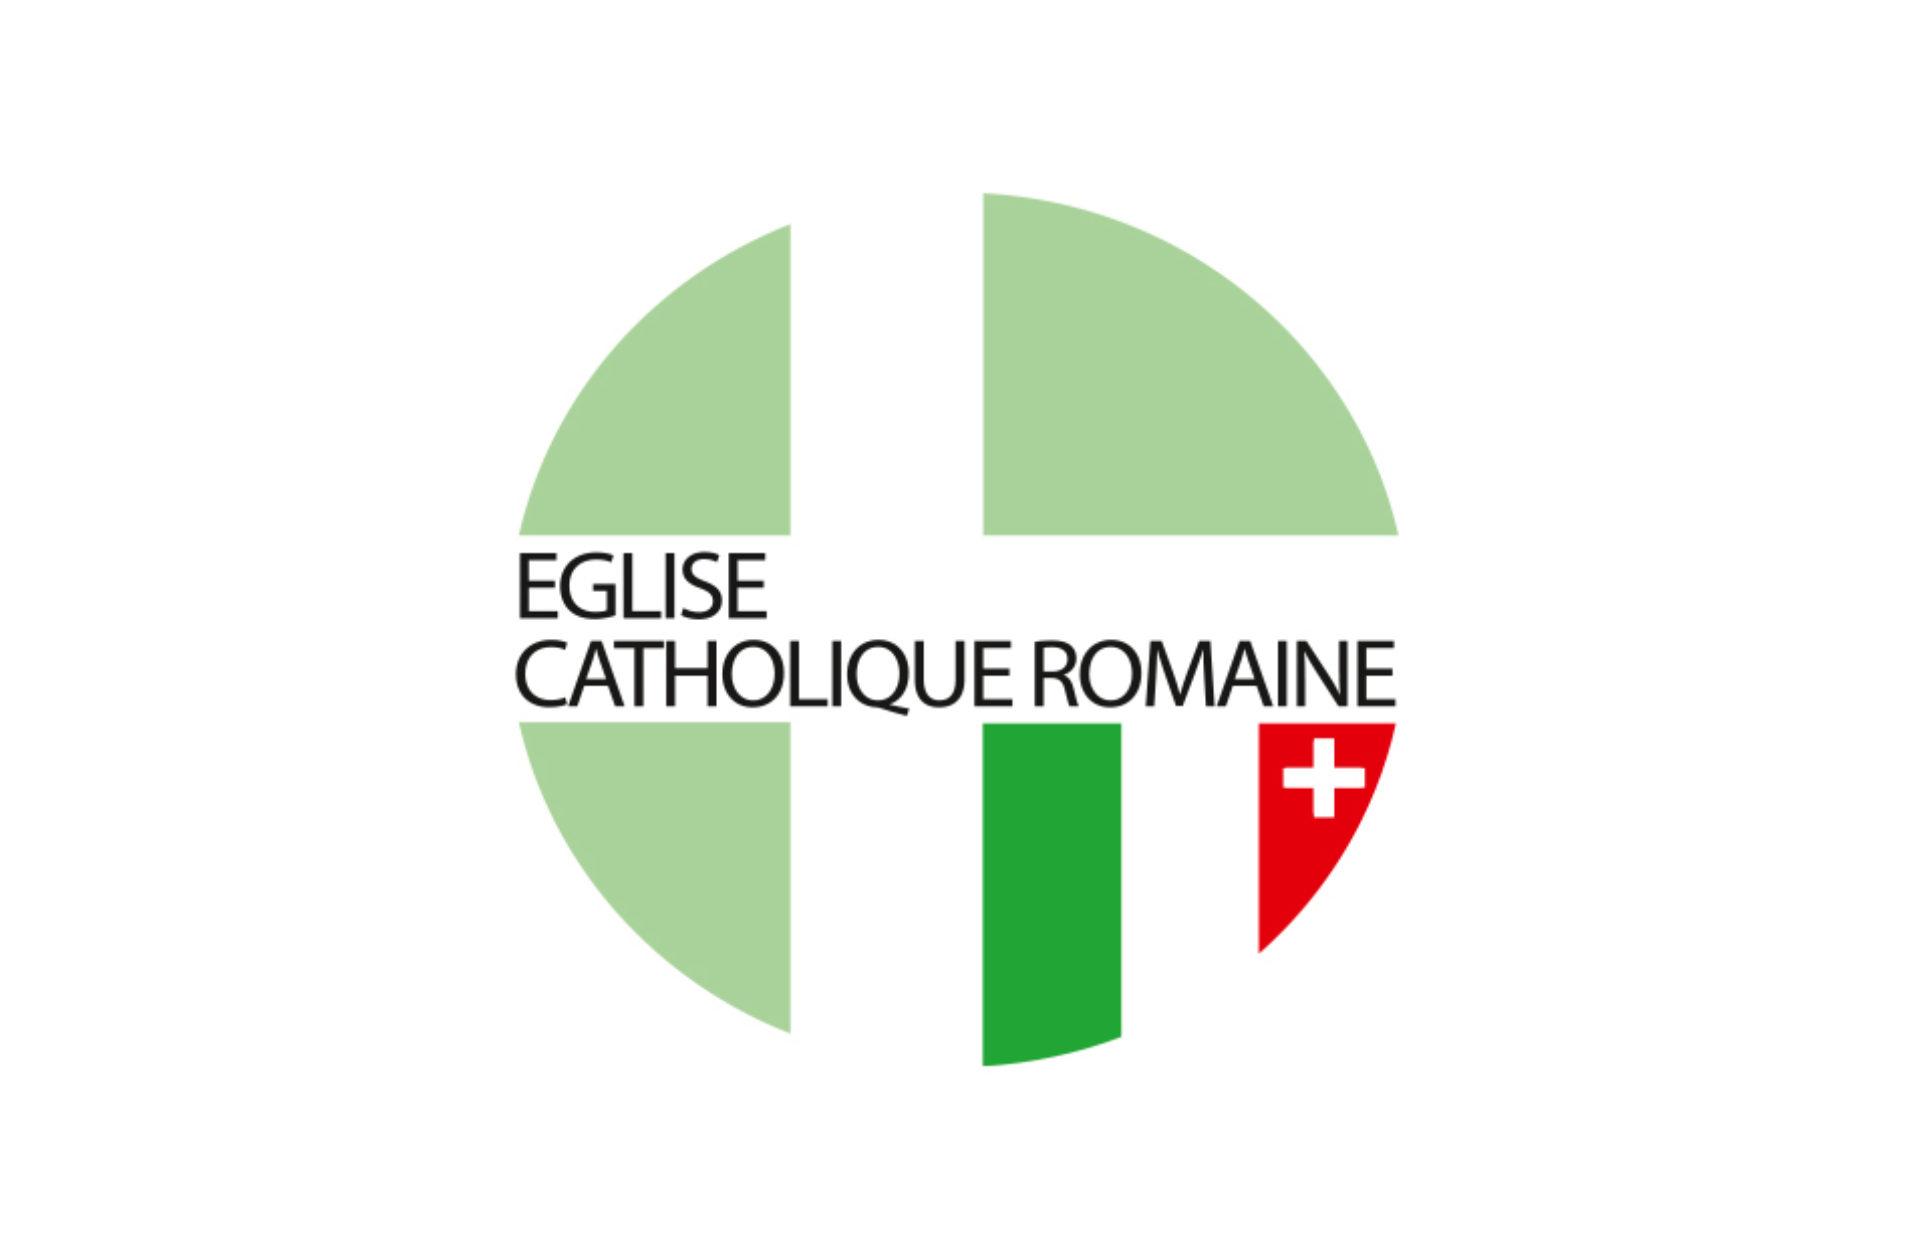 Eglise catholique romaine de Neuchâtel